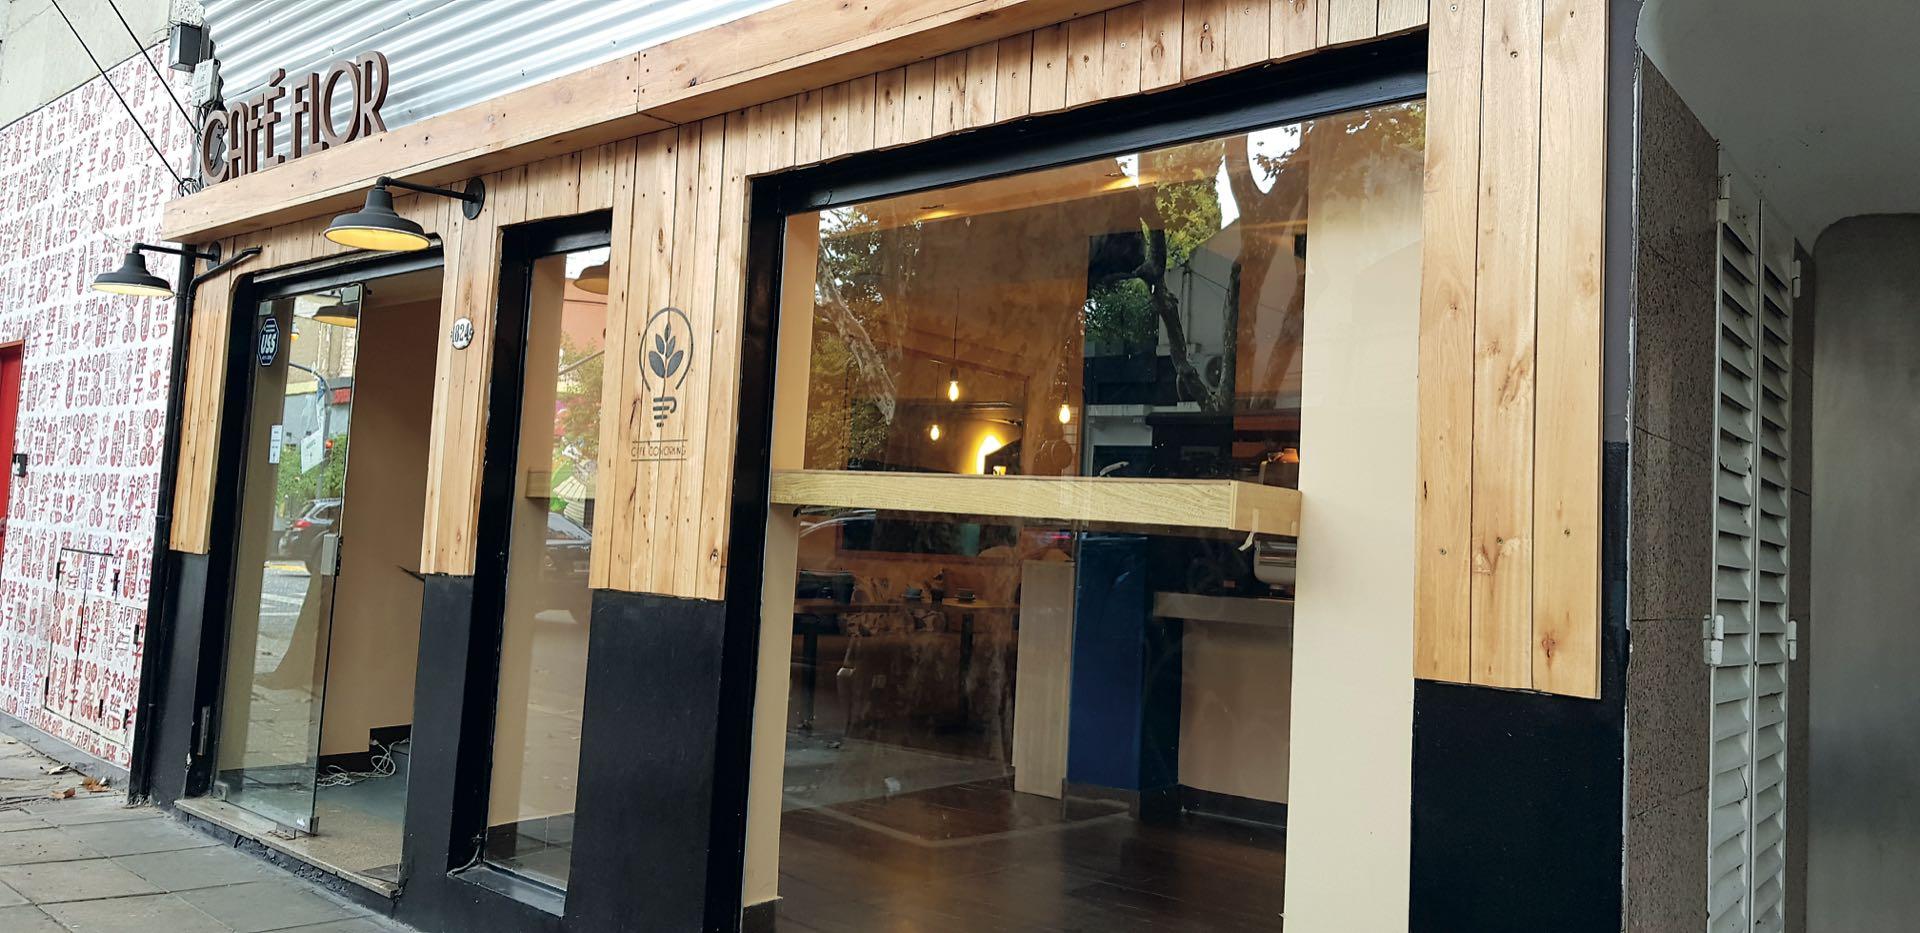 CAFÉ FLOR xBuen café y servicios que pagás por hora. 1 hora, $ 100; 3 horas $ 250; 1 día, $ 450.